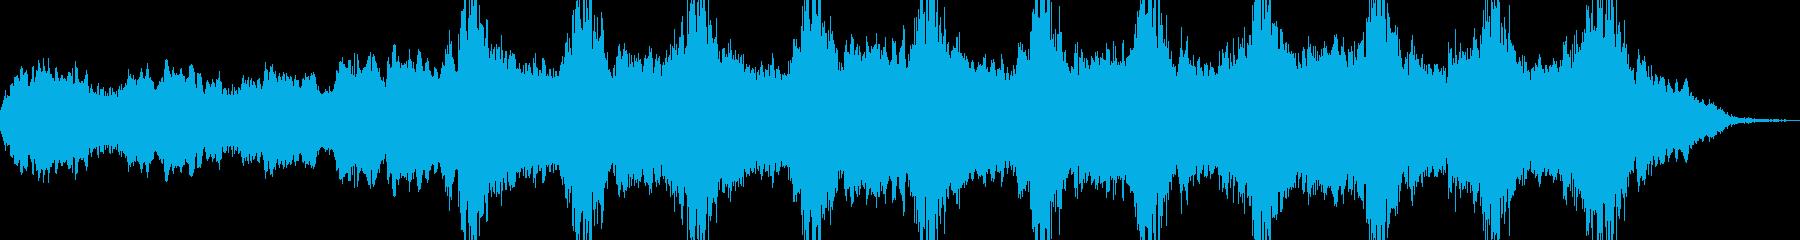 神秘的で少し不穏さ漂う陰気なサウンドの再生済みの波形